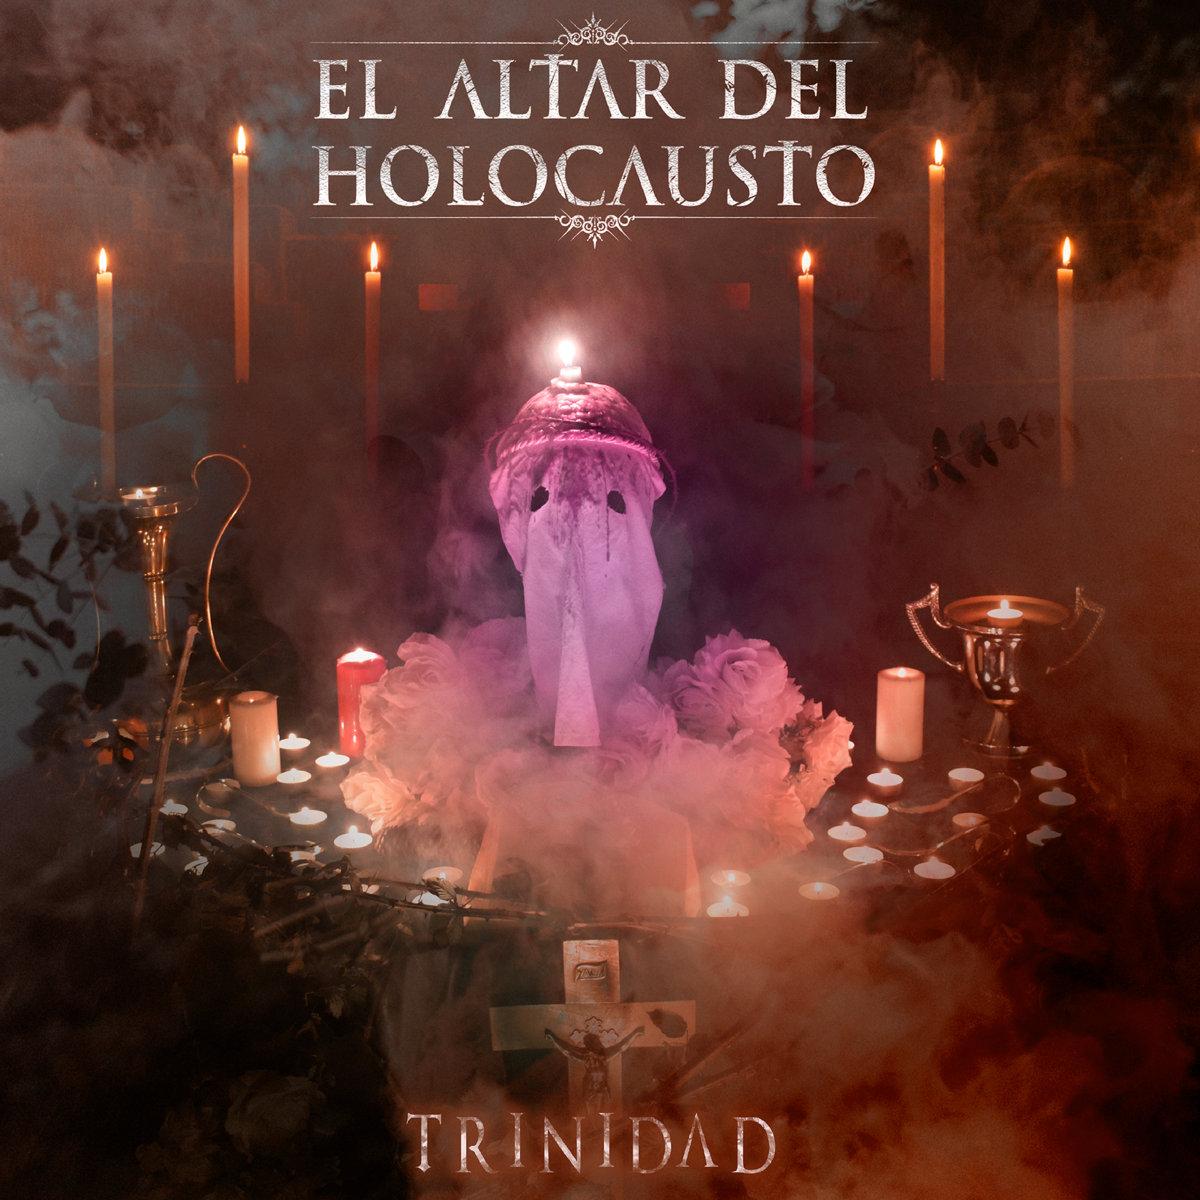 Reseña: EL ALTAR DEL HOLOCAUSTO.- 'Trinidad'